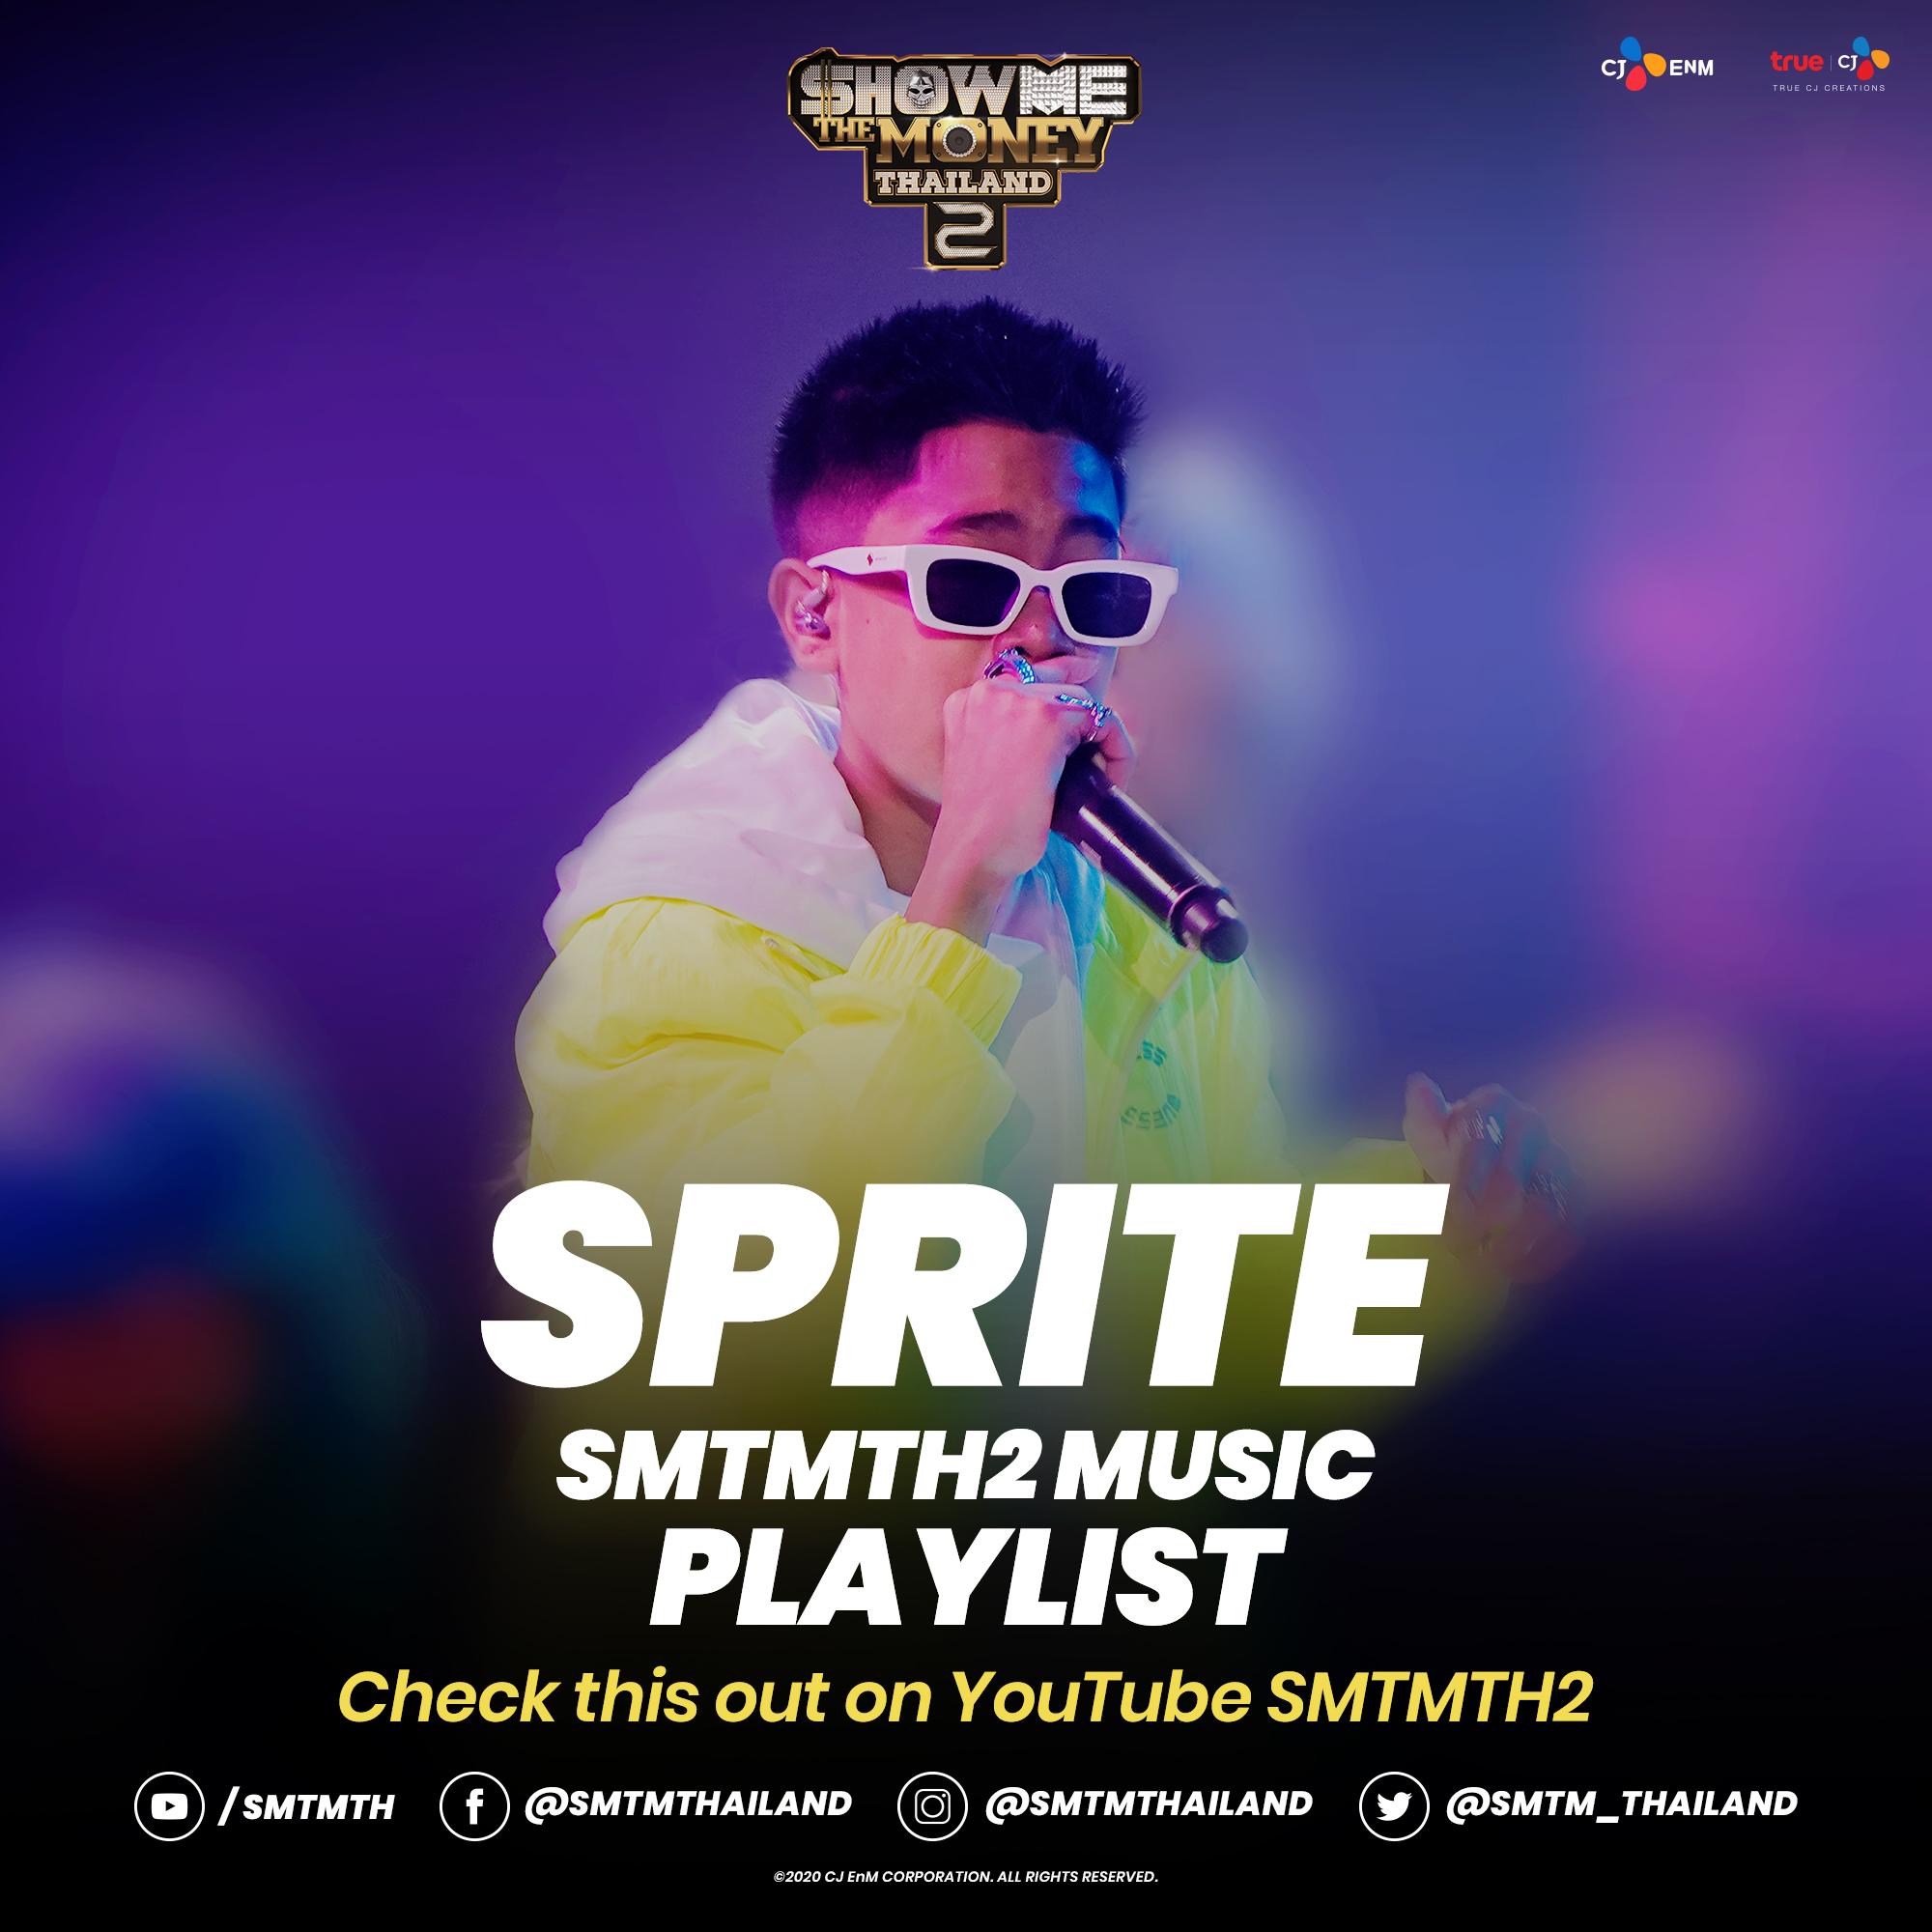 Music Playlist : SPRITE